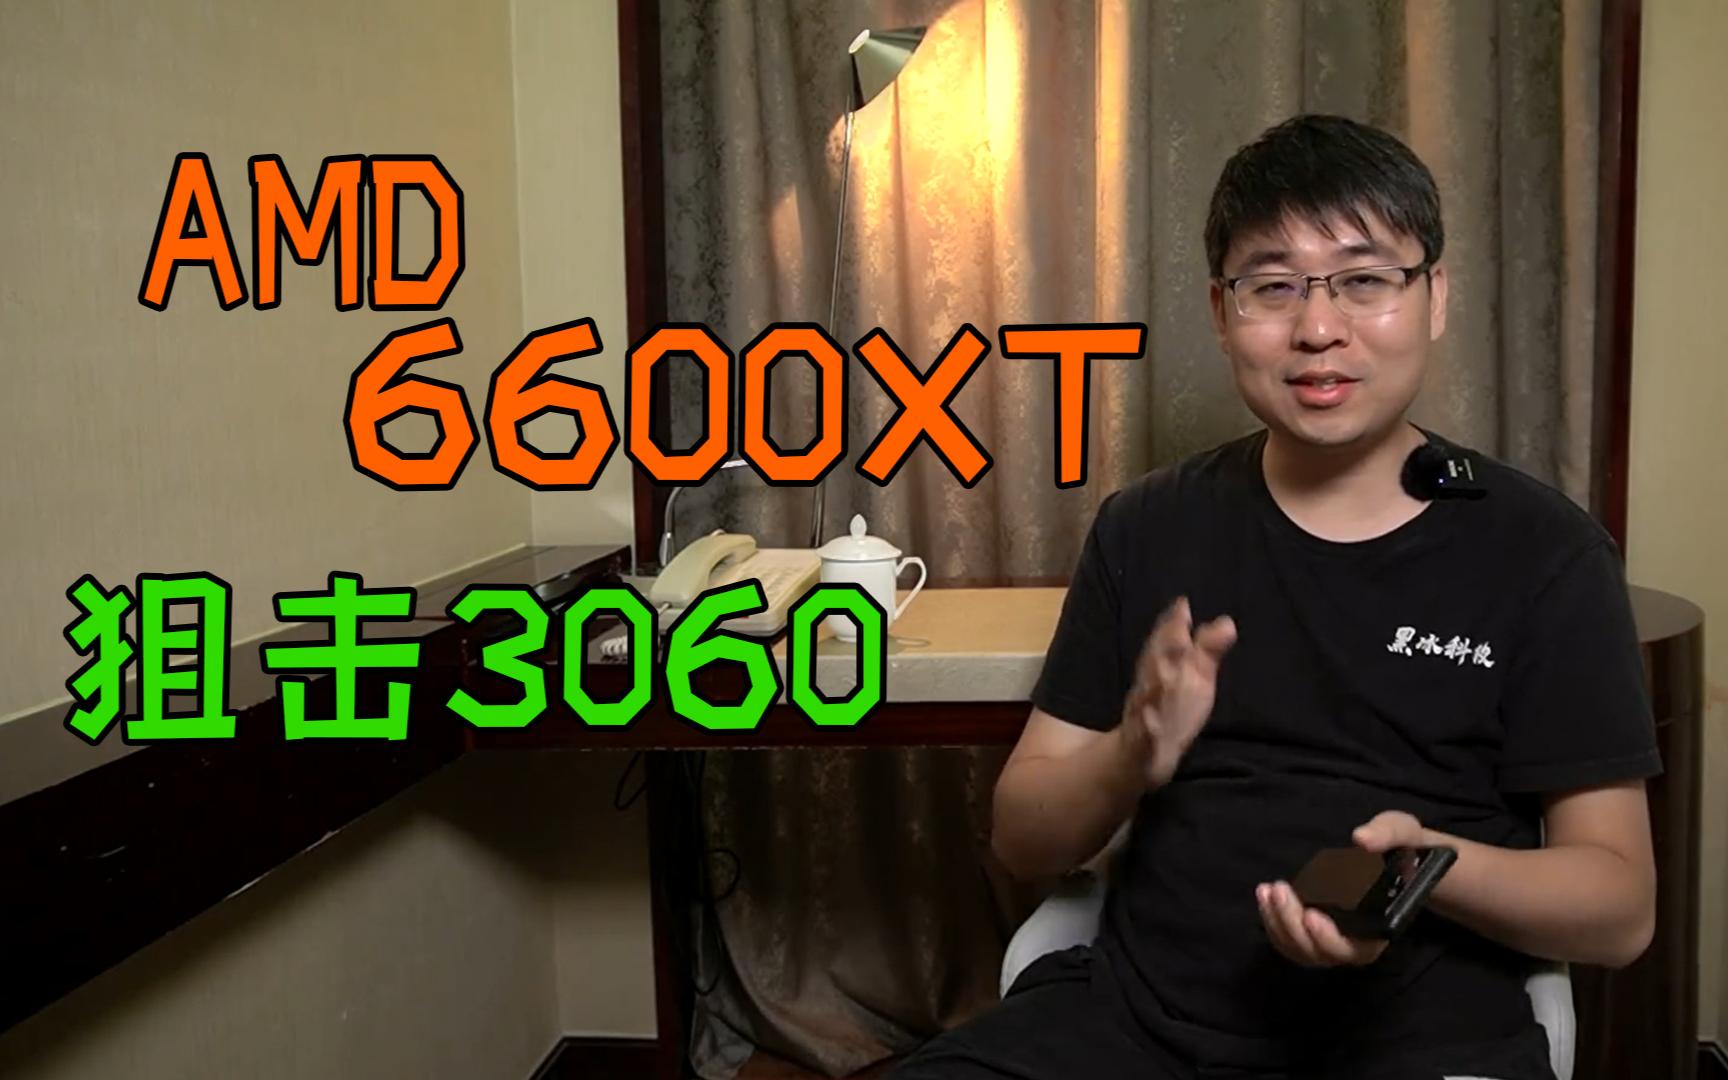 【基冰说2130】AMD将再次拳打英特尔脚踢英伟达!